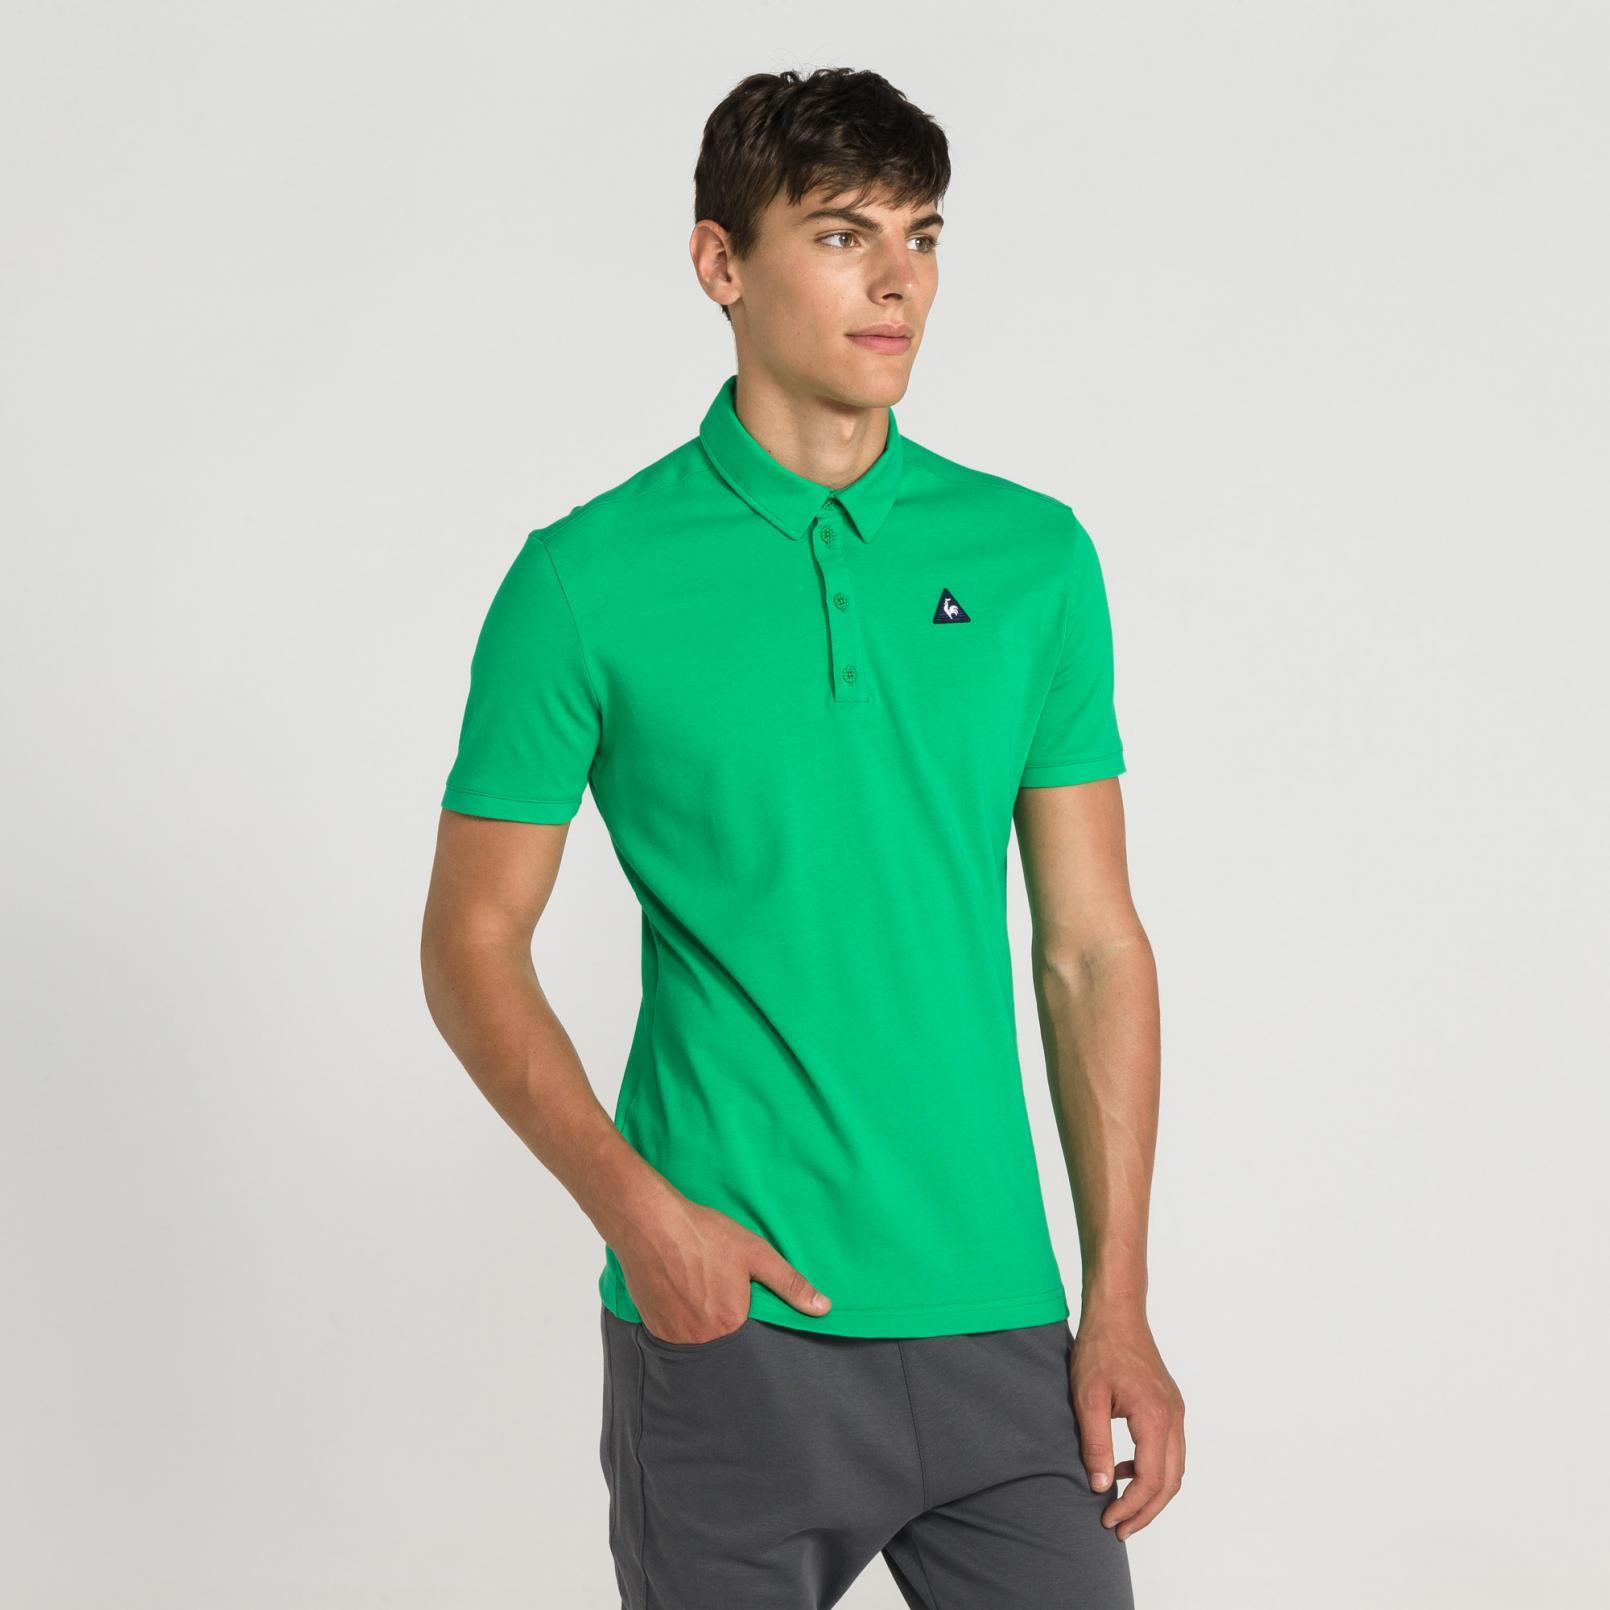 Polo – Le Coq Sportif Essentiels Polo Green